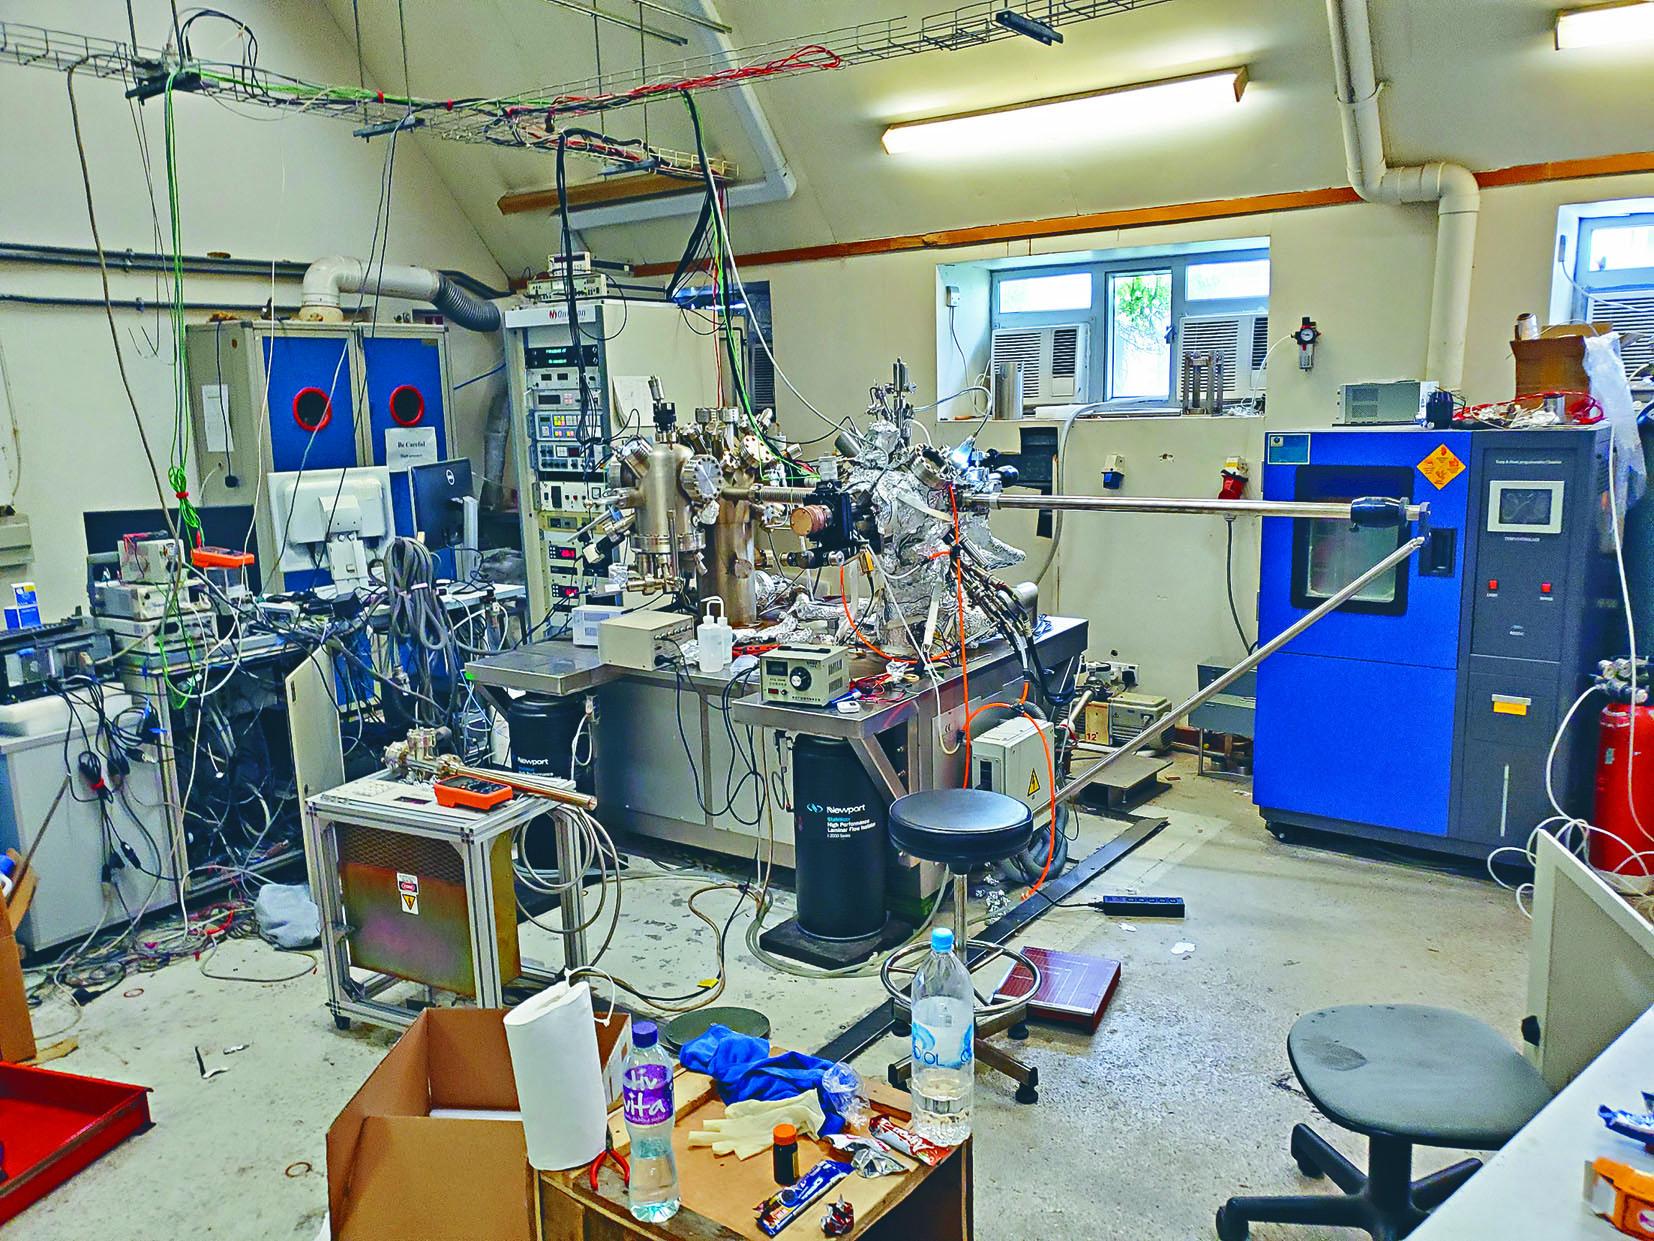 中大實驗室遭黑衣人闖入大肆破壞,疑有危險化學物品被盜走。